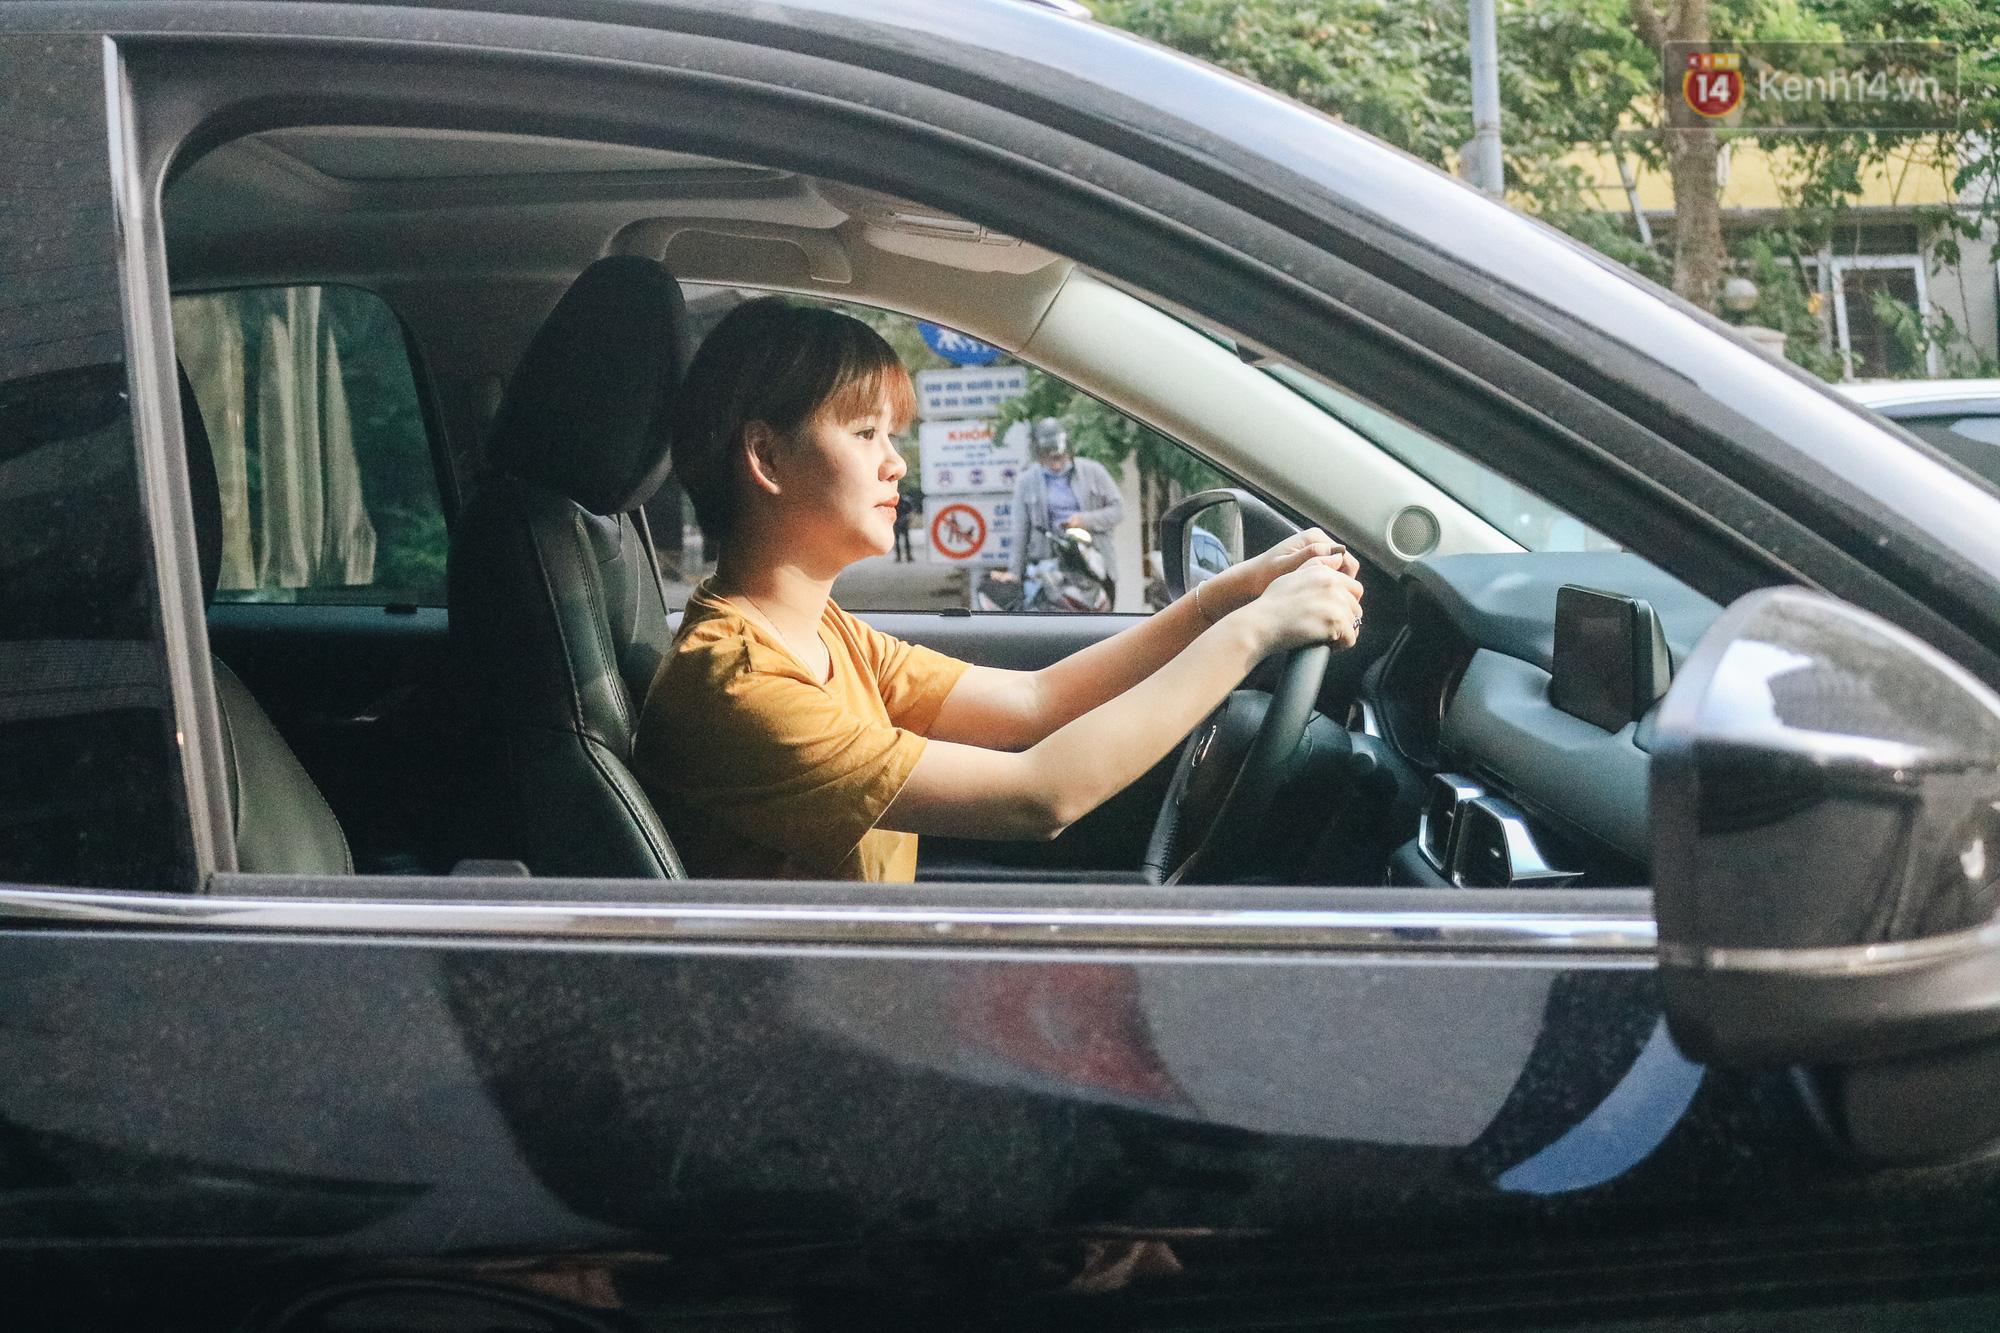 Từ vụ nữ tài xế Mercedes gây tai nạn kinh hoàng khiến 1 người chết: Chị em phụ nữ nói về gót giày tử thần khi lái xe - Ảnh 5.